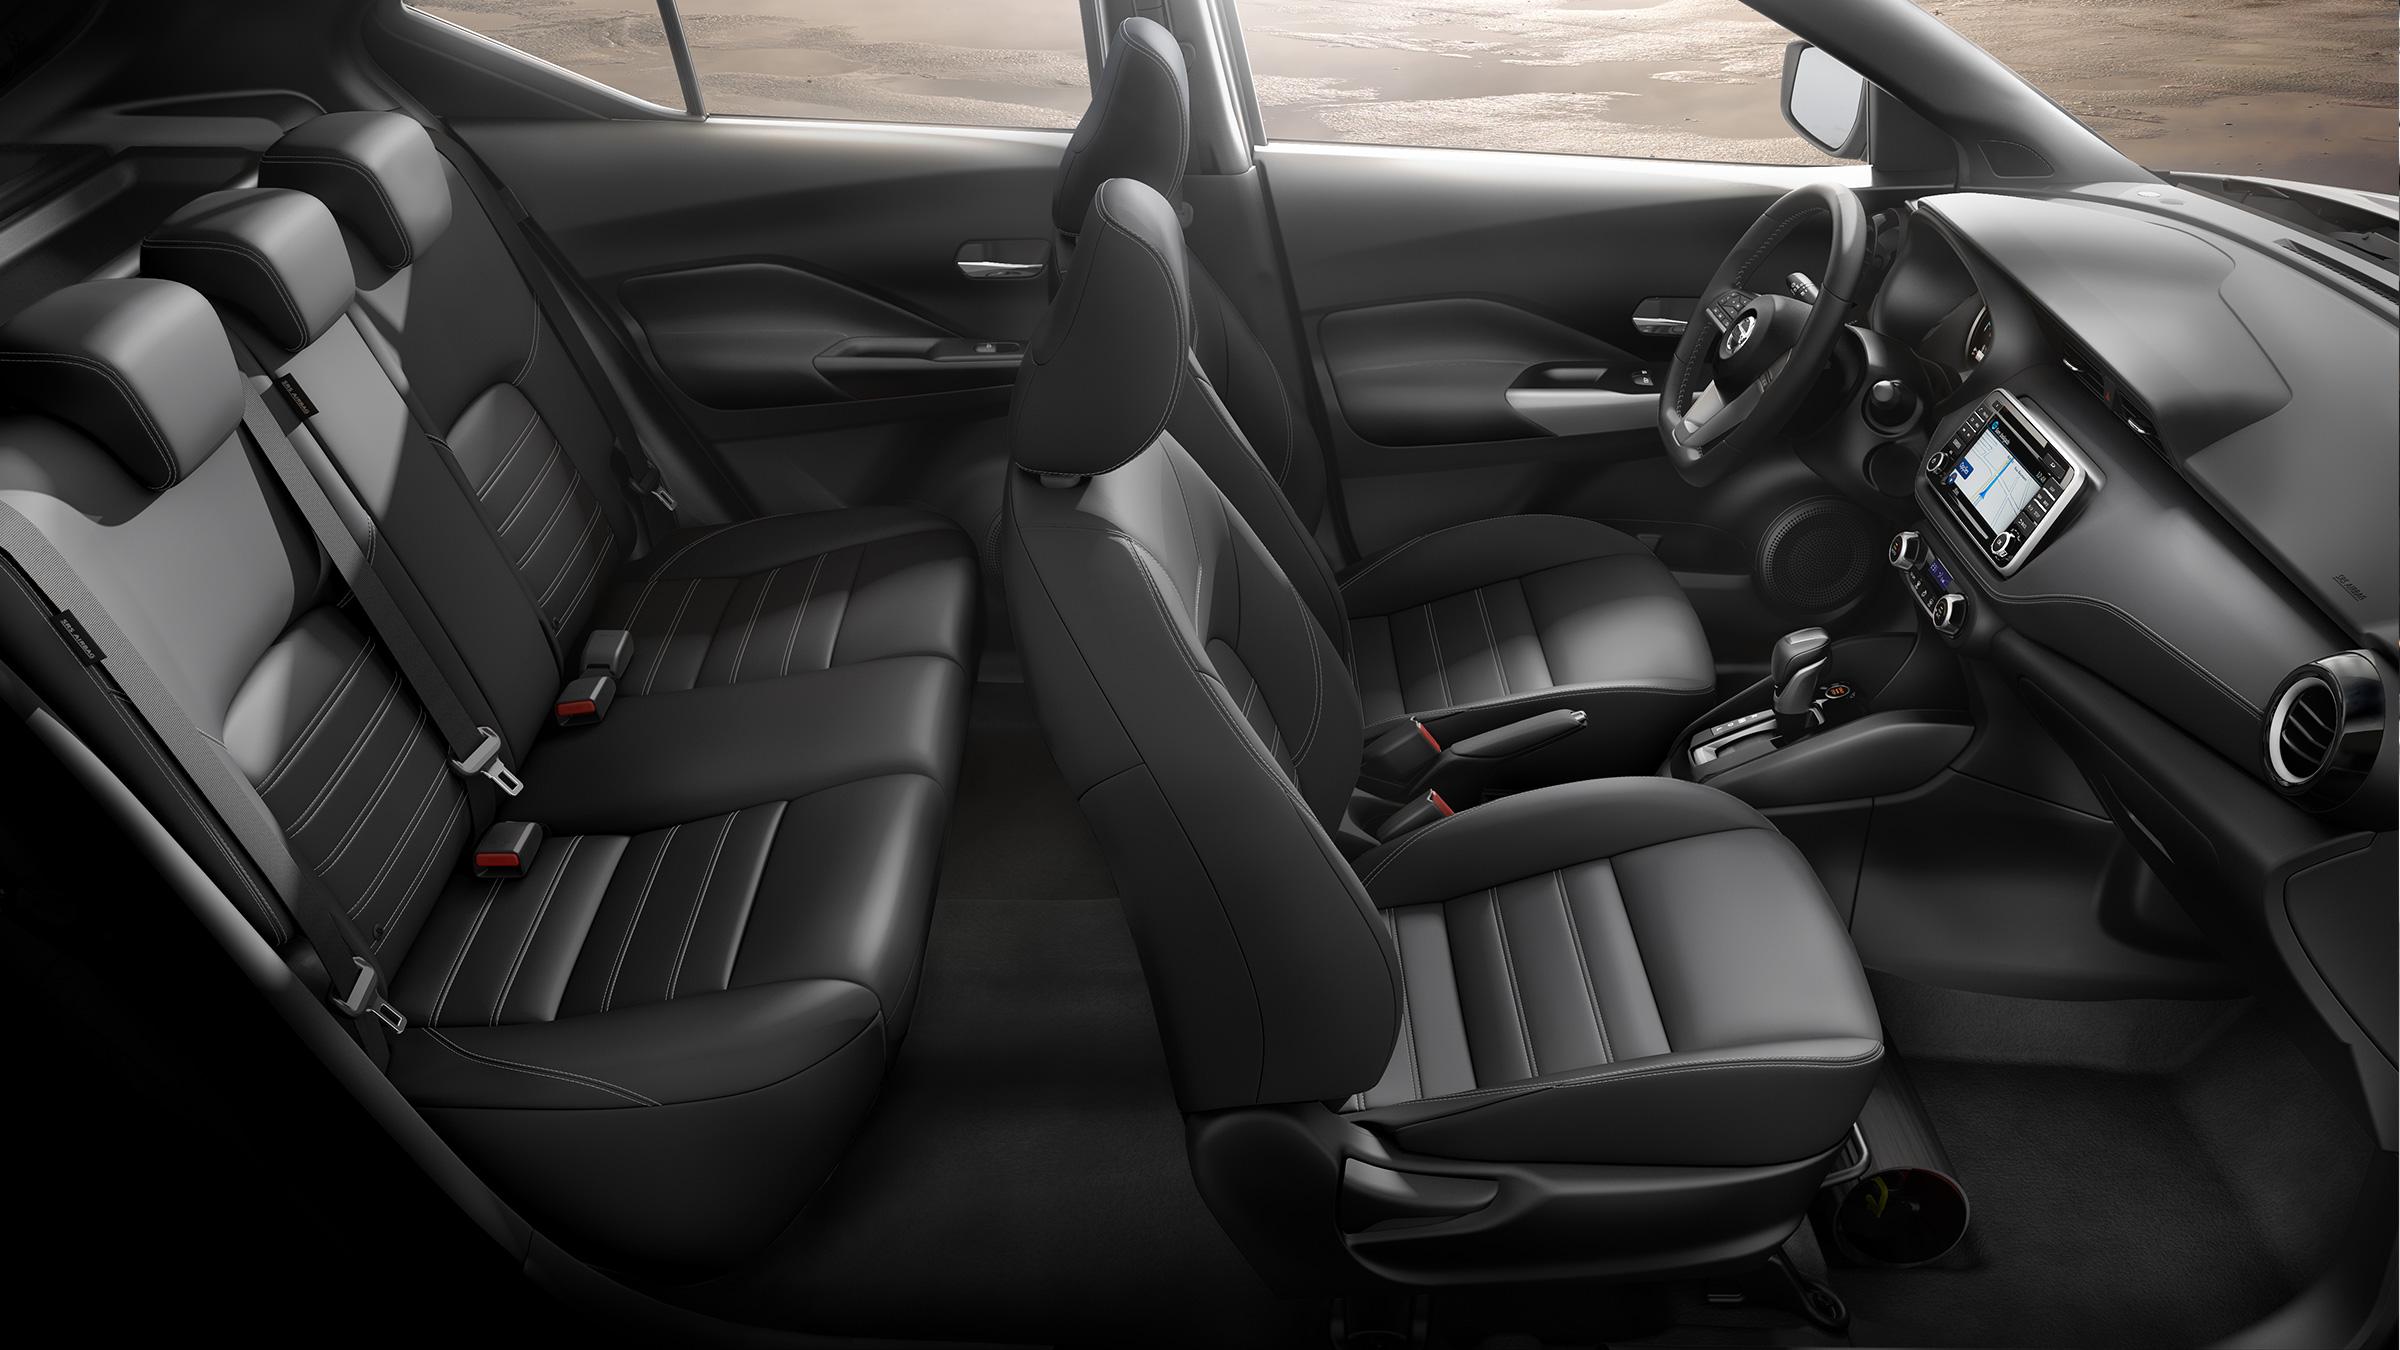 المساحة الداخلية والكراسي الجلدية السوداء في سيارة نيسان كيكس